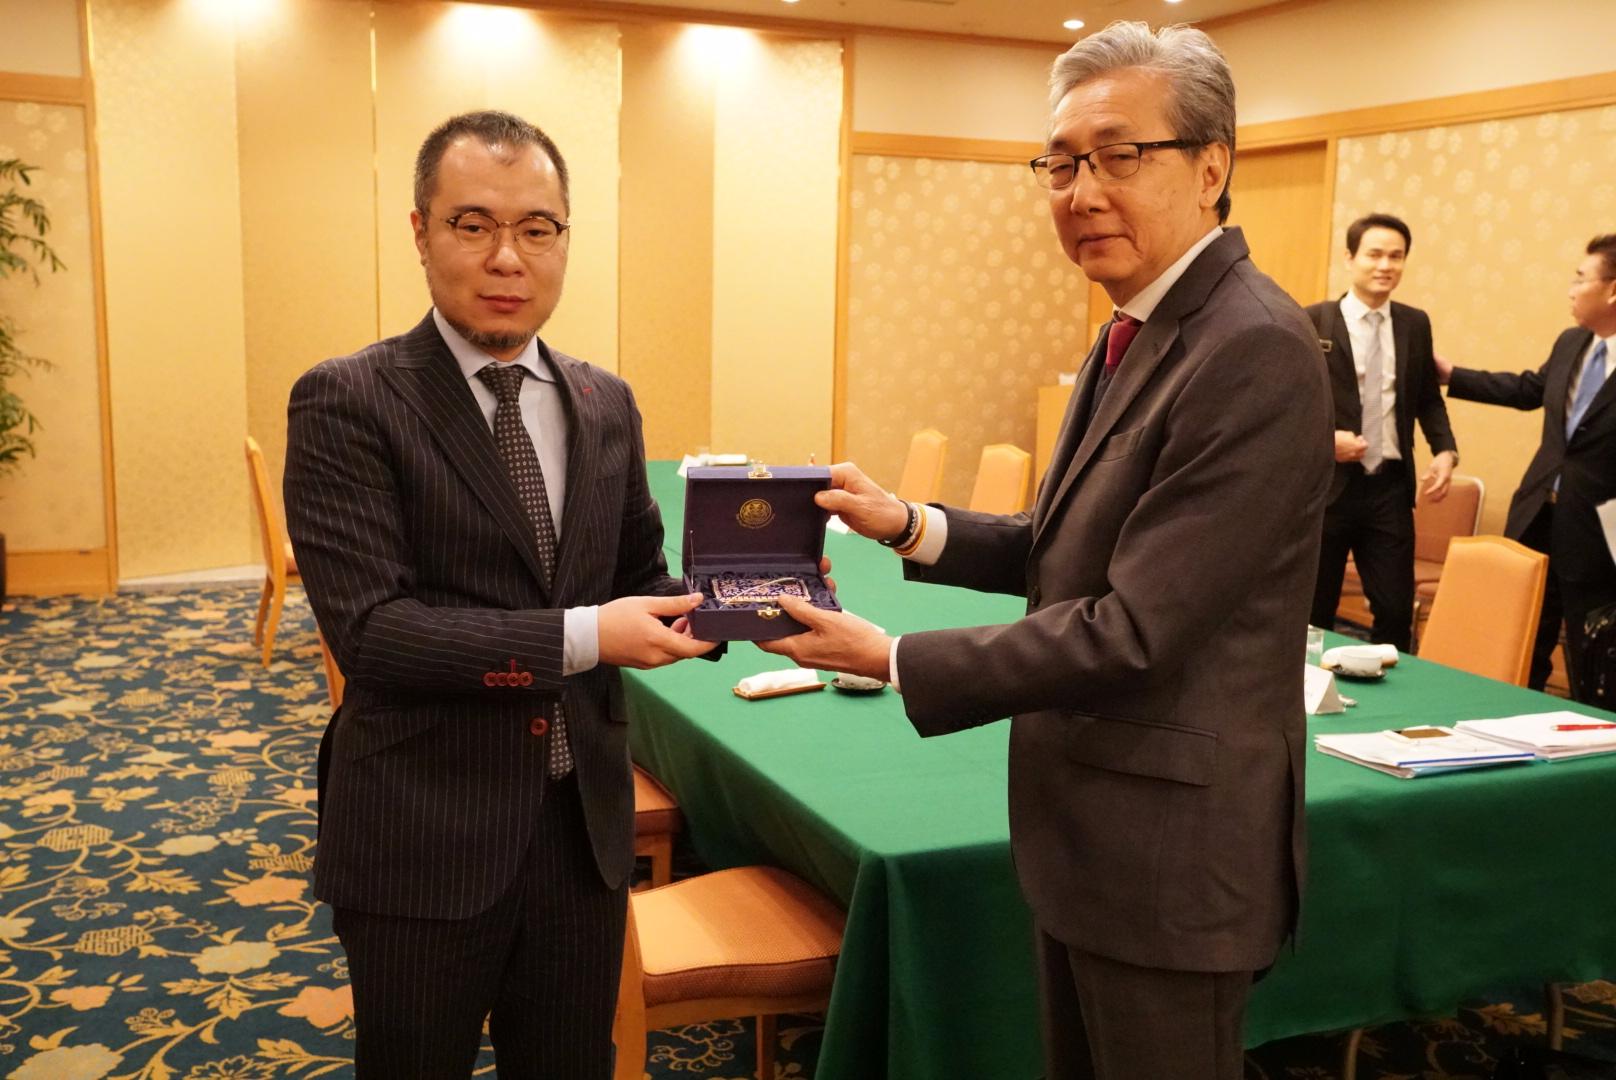 タイ王国ソムキット副首相と単独会談時の様子